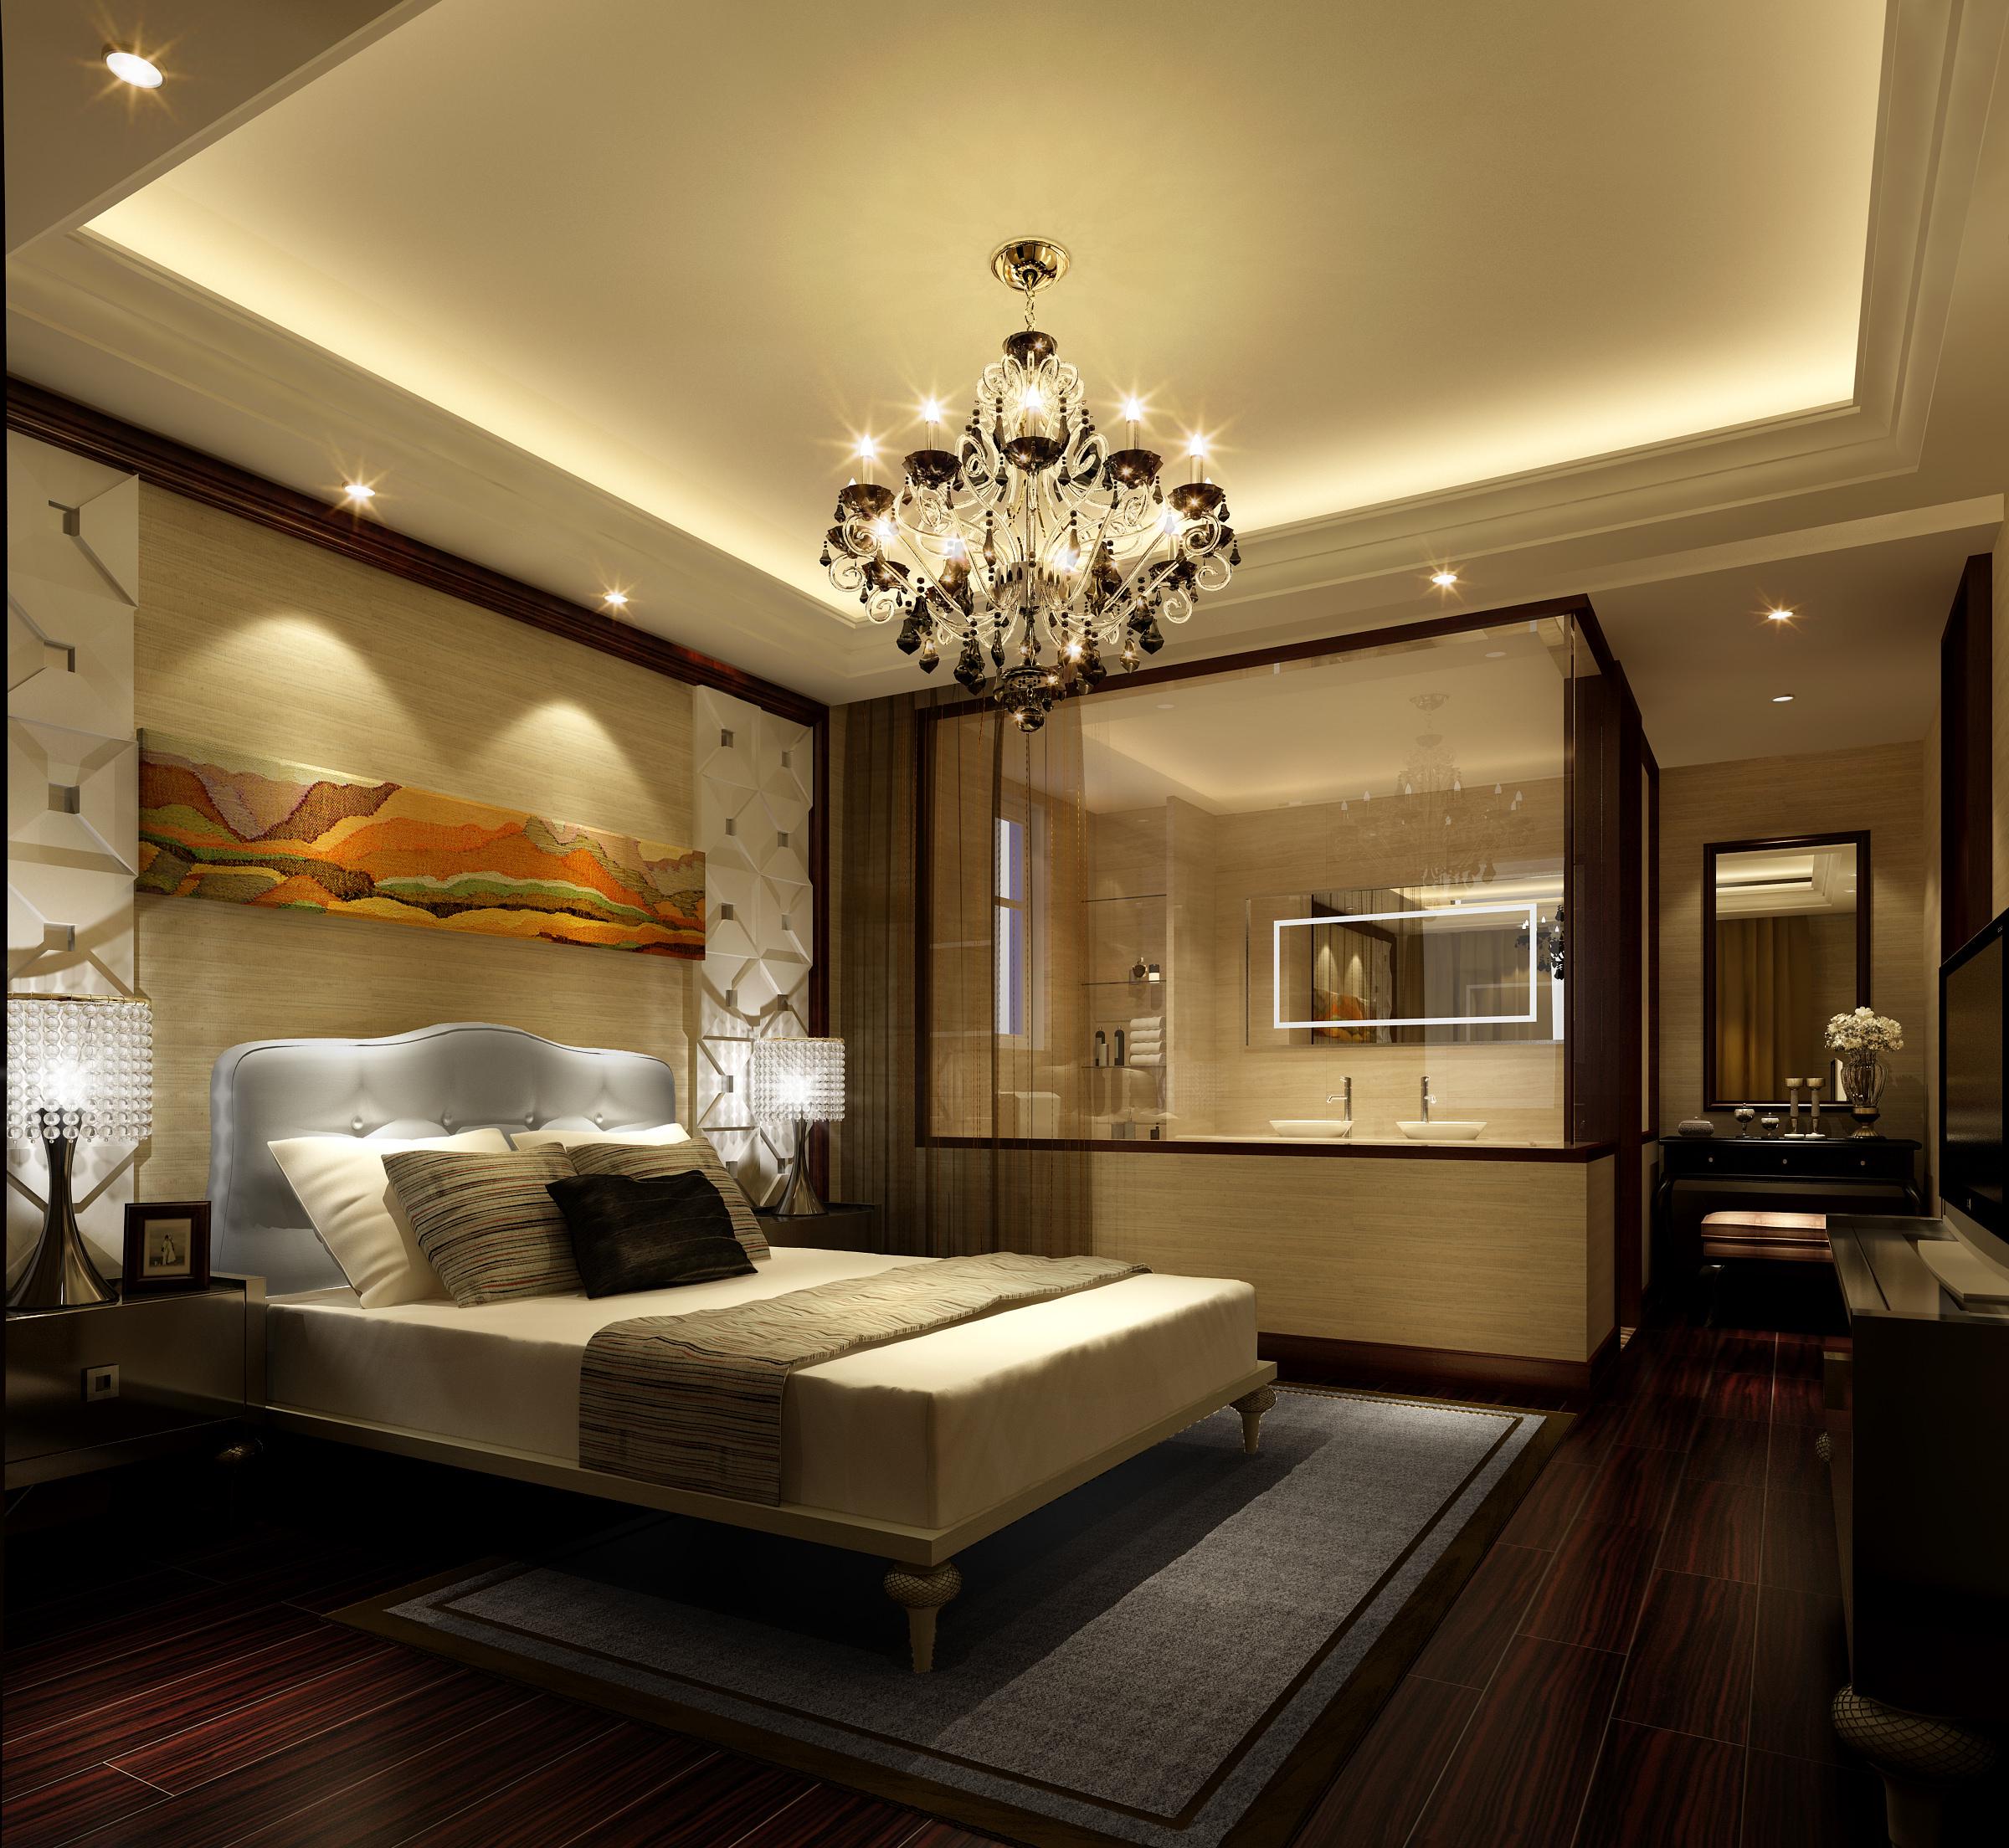 Bedroom with bathroom 3D Model MAX | CGTrader.com on Bathroom Models  id=45691